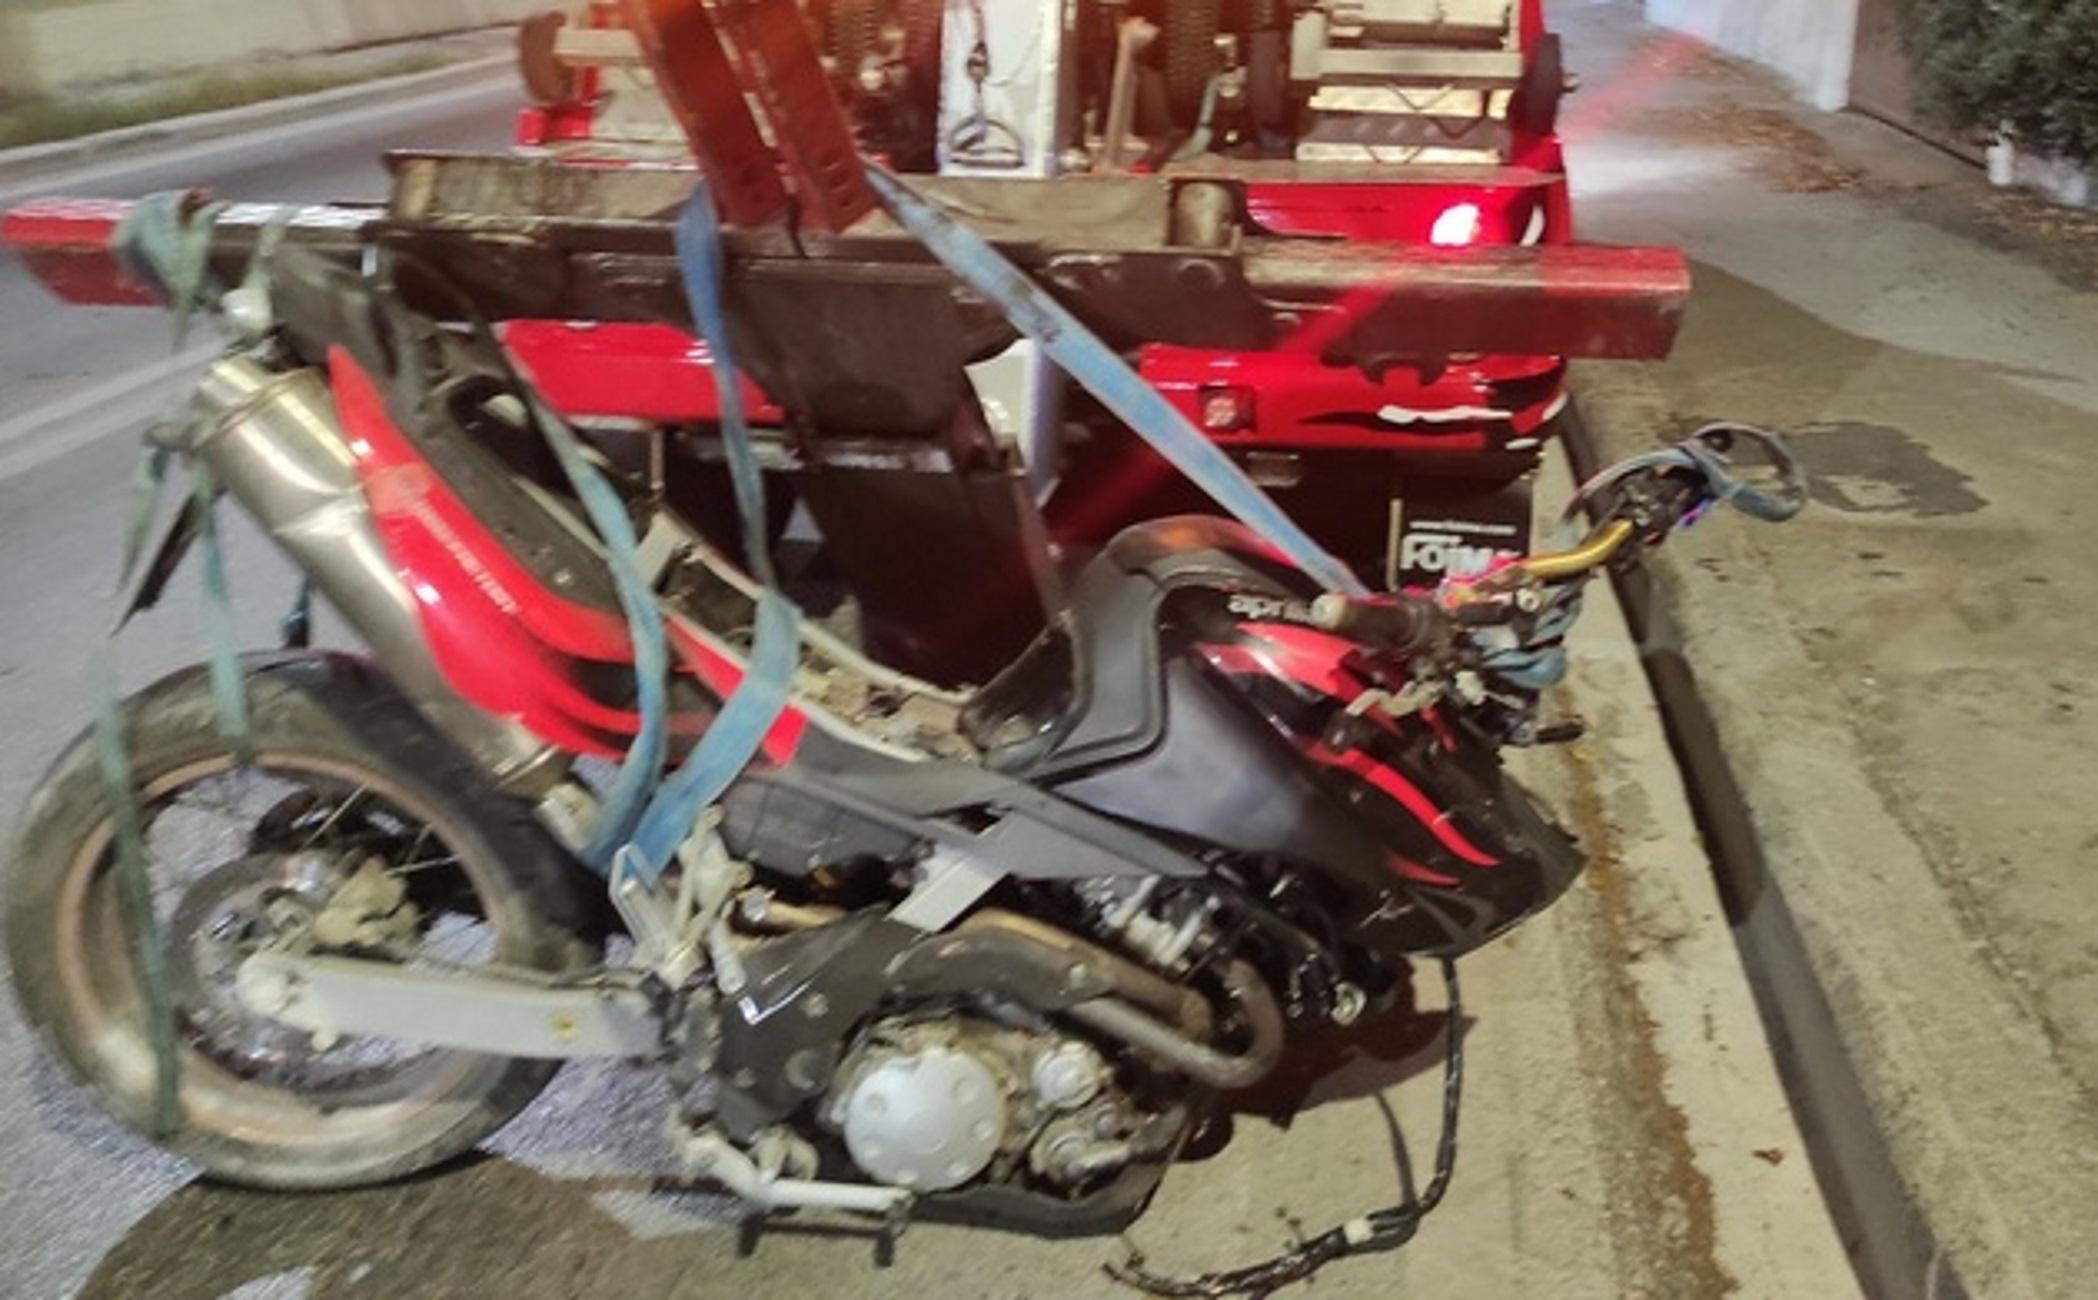 Ρόδος: Σκοτώθηκε στο σχόλασμα υπάλληλος ξενοδοχείου – Διαλύθηκε το μηχανάκι του, στο φοβερό τροχαίο